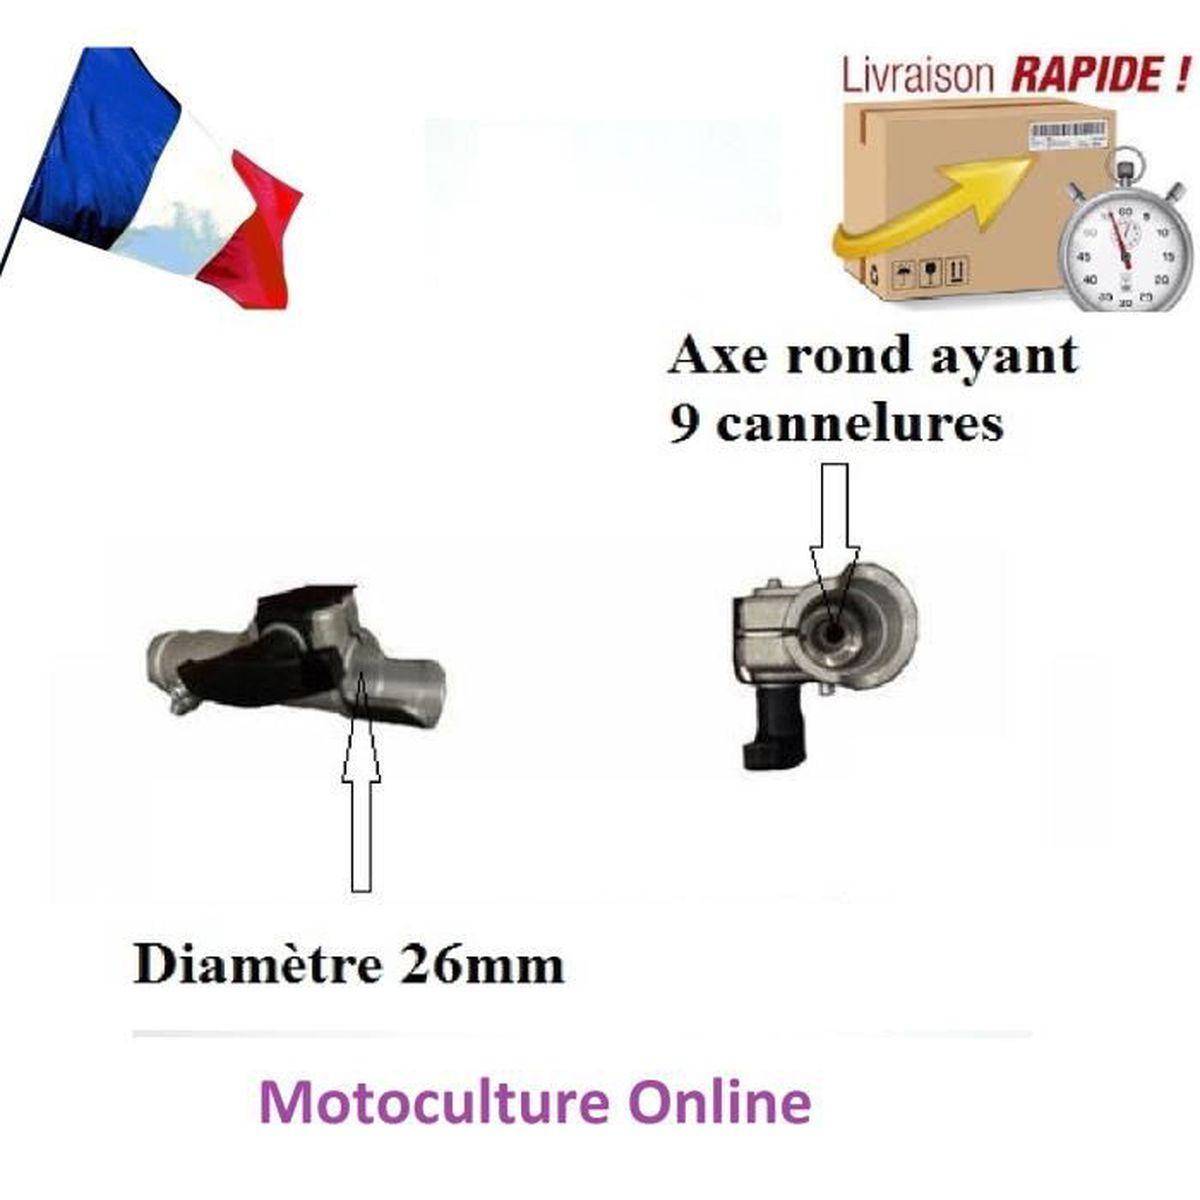 Carburateur pour machine Multifonctions 5en1 d/'une puissance de  25 26 cc